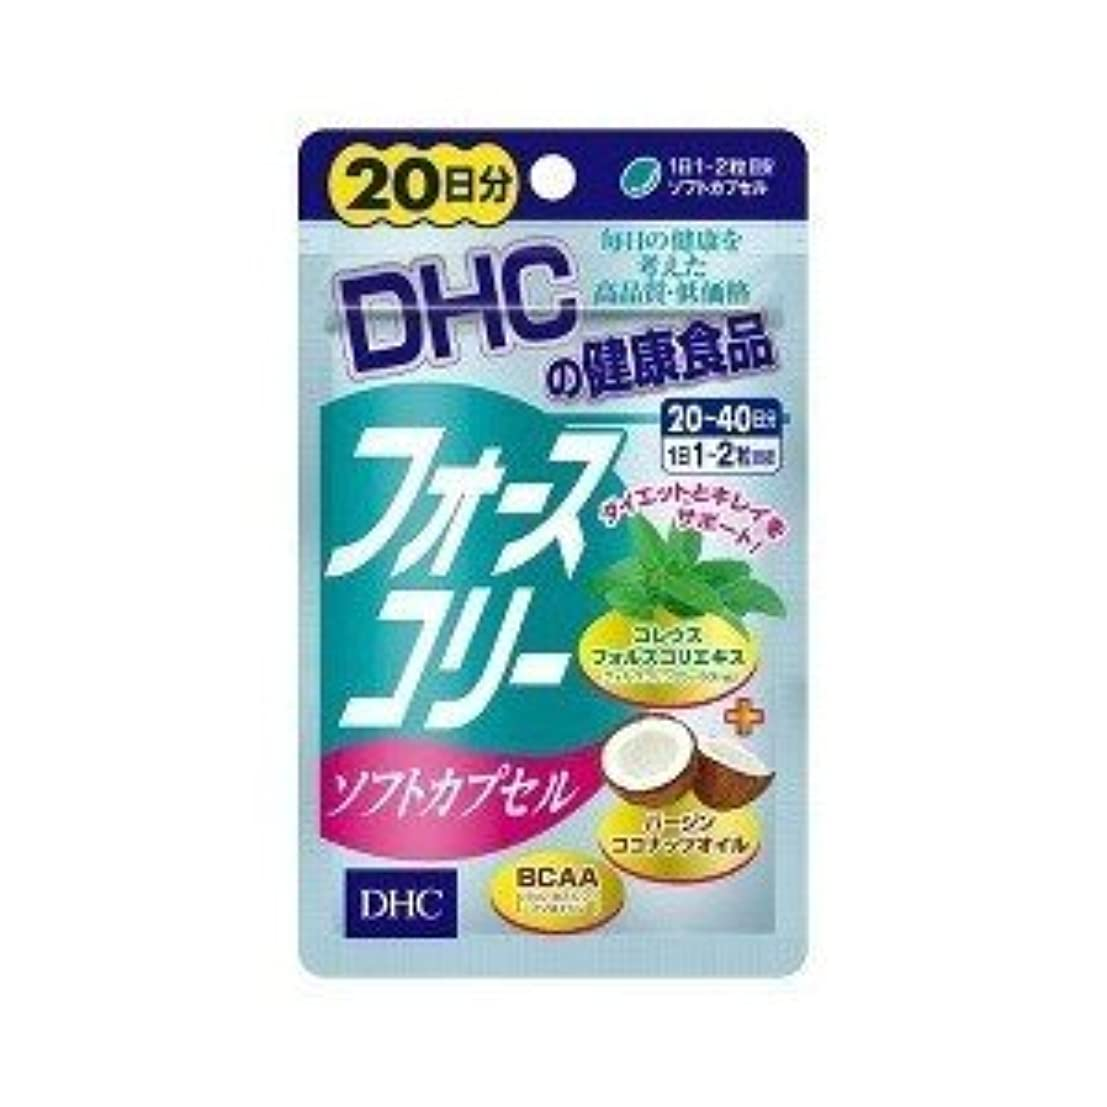 講義満足させる無臭(2017年春の新商品)DHC フォースコリー ソフトカプセル 20日分 40粒